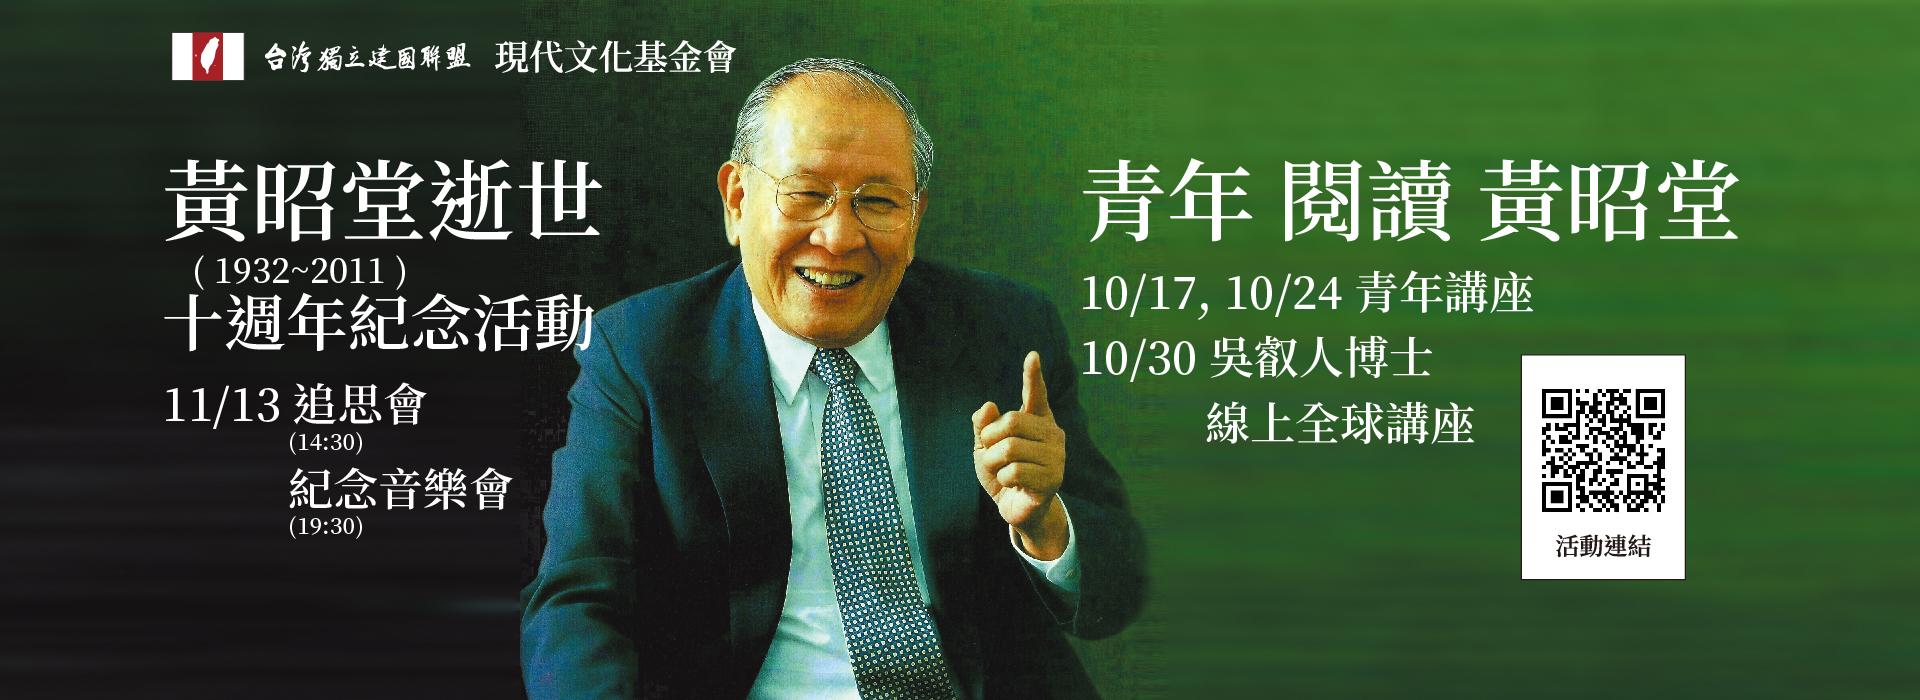 黃昭堂逝世十周年紀念系列活動